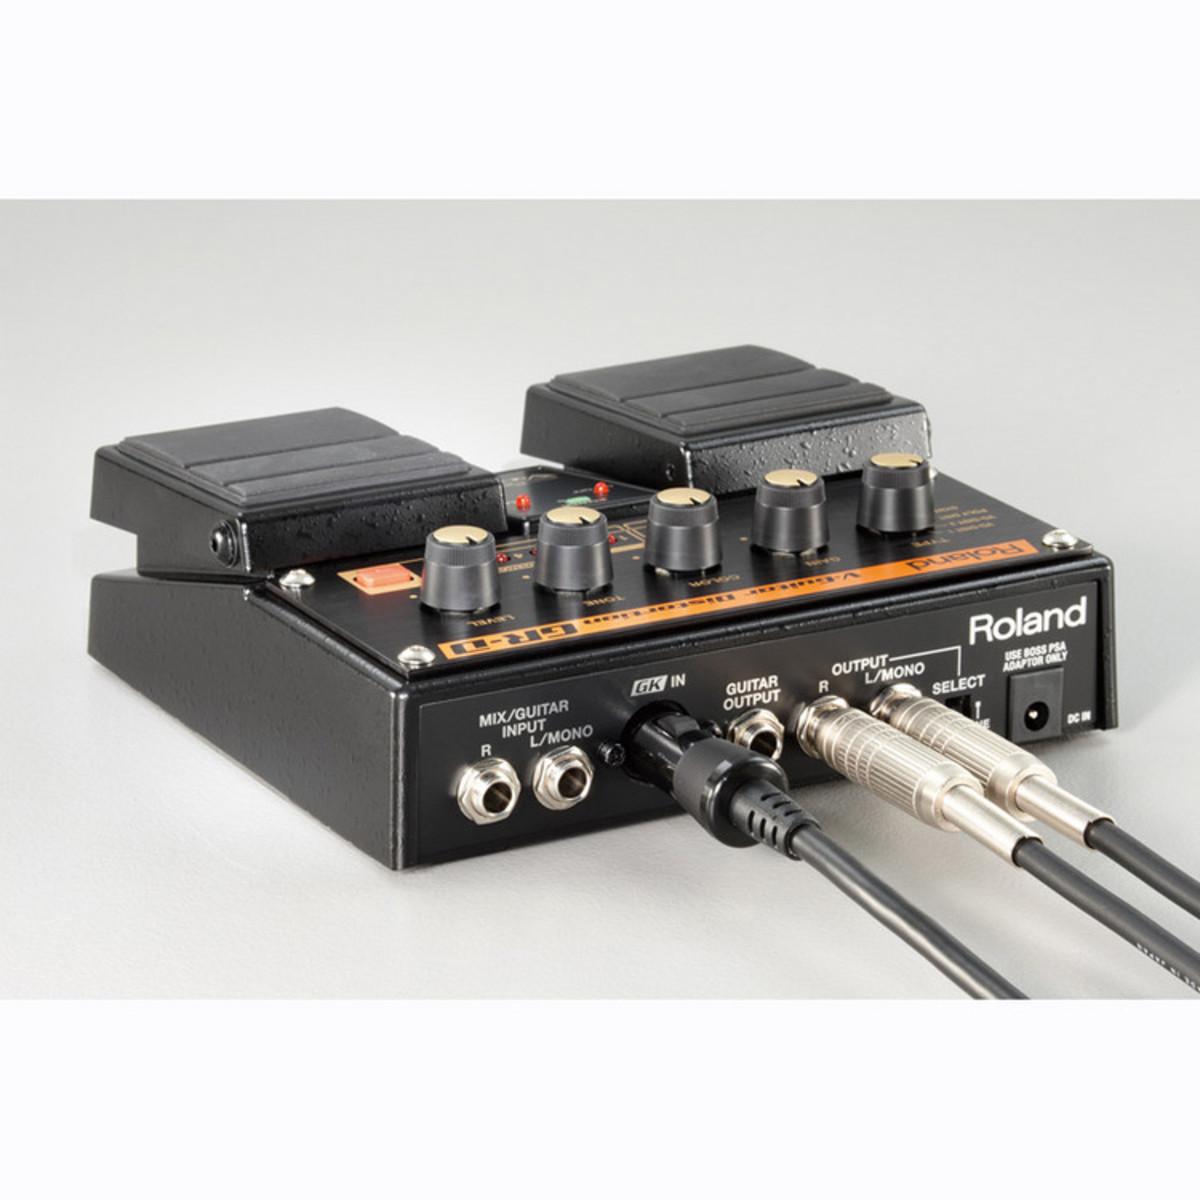 roland gr d v guitar distortion effects pedal at. Black Bedroom Furniture Sets. Home Design Ideas